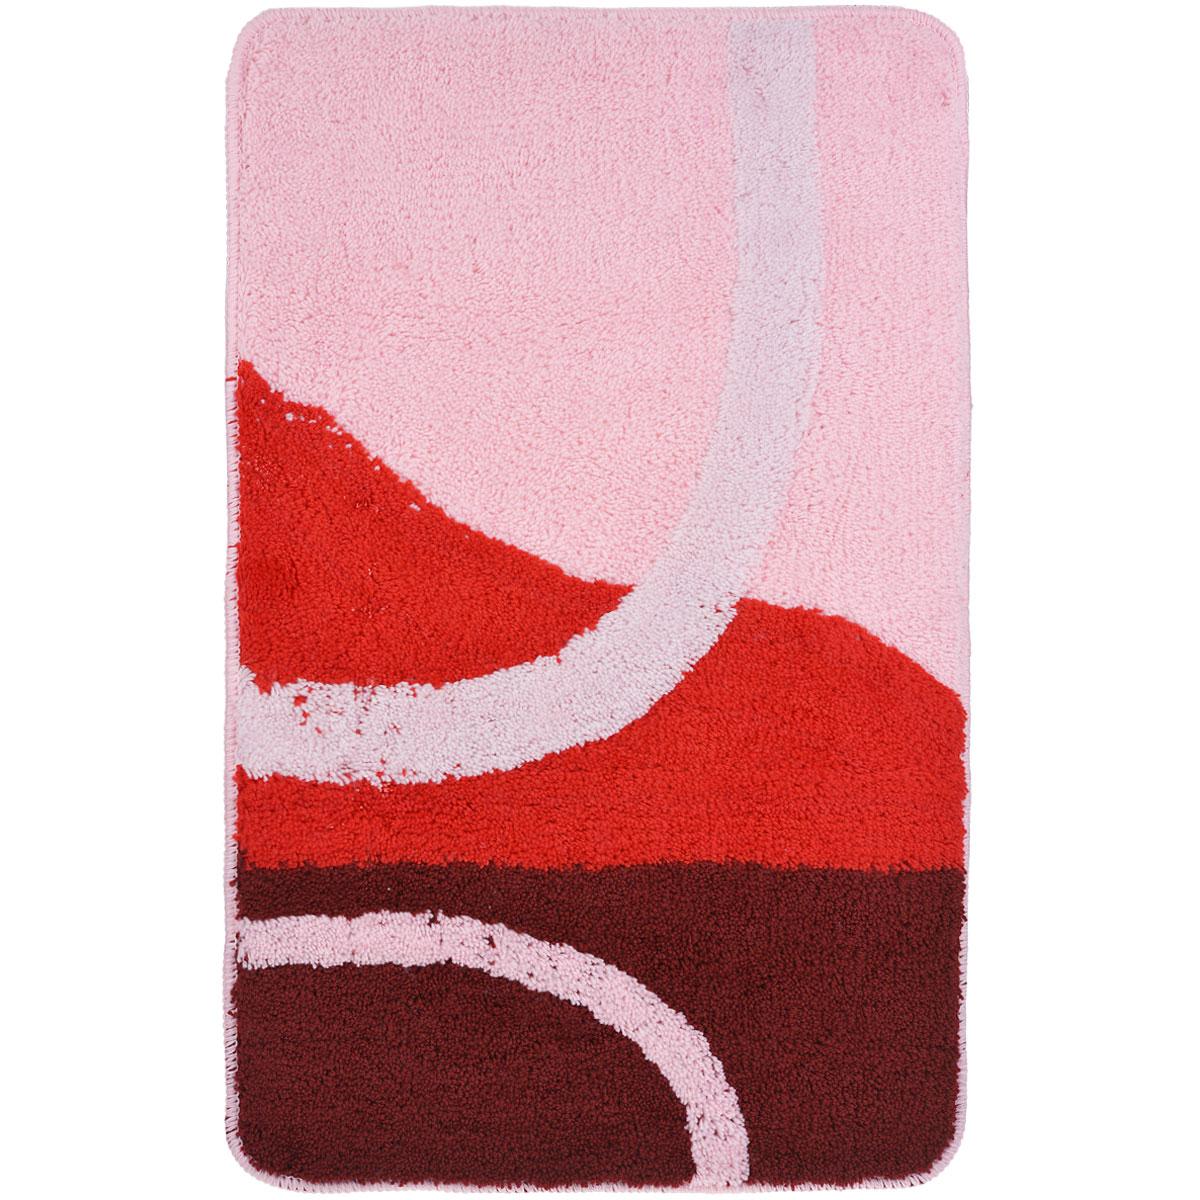 Коврик для ванной комнаты Fresh Code, цвет: розовый, 80 х 50 см531-105Коврик для ванной Fresh Code изготовлен из 100% акрила с латексной основой. Коврик, украшенный ярким цветным рисунком, создаст уют и комфорт в ванной комнате. Длинный ворс мягко соприкасается с кожей стоп, вызывая только приятные ощущения. Рекомендации по уходу: - стирать в ручном режиме, - не использовать отбеливатели, - не гладить,- не подходит для сухой чистки (химчистки).